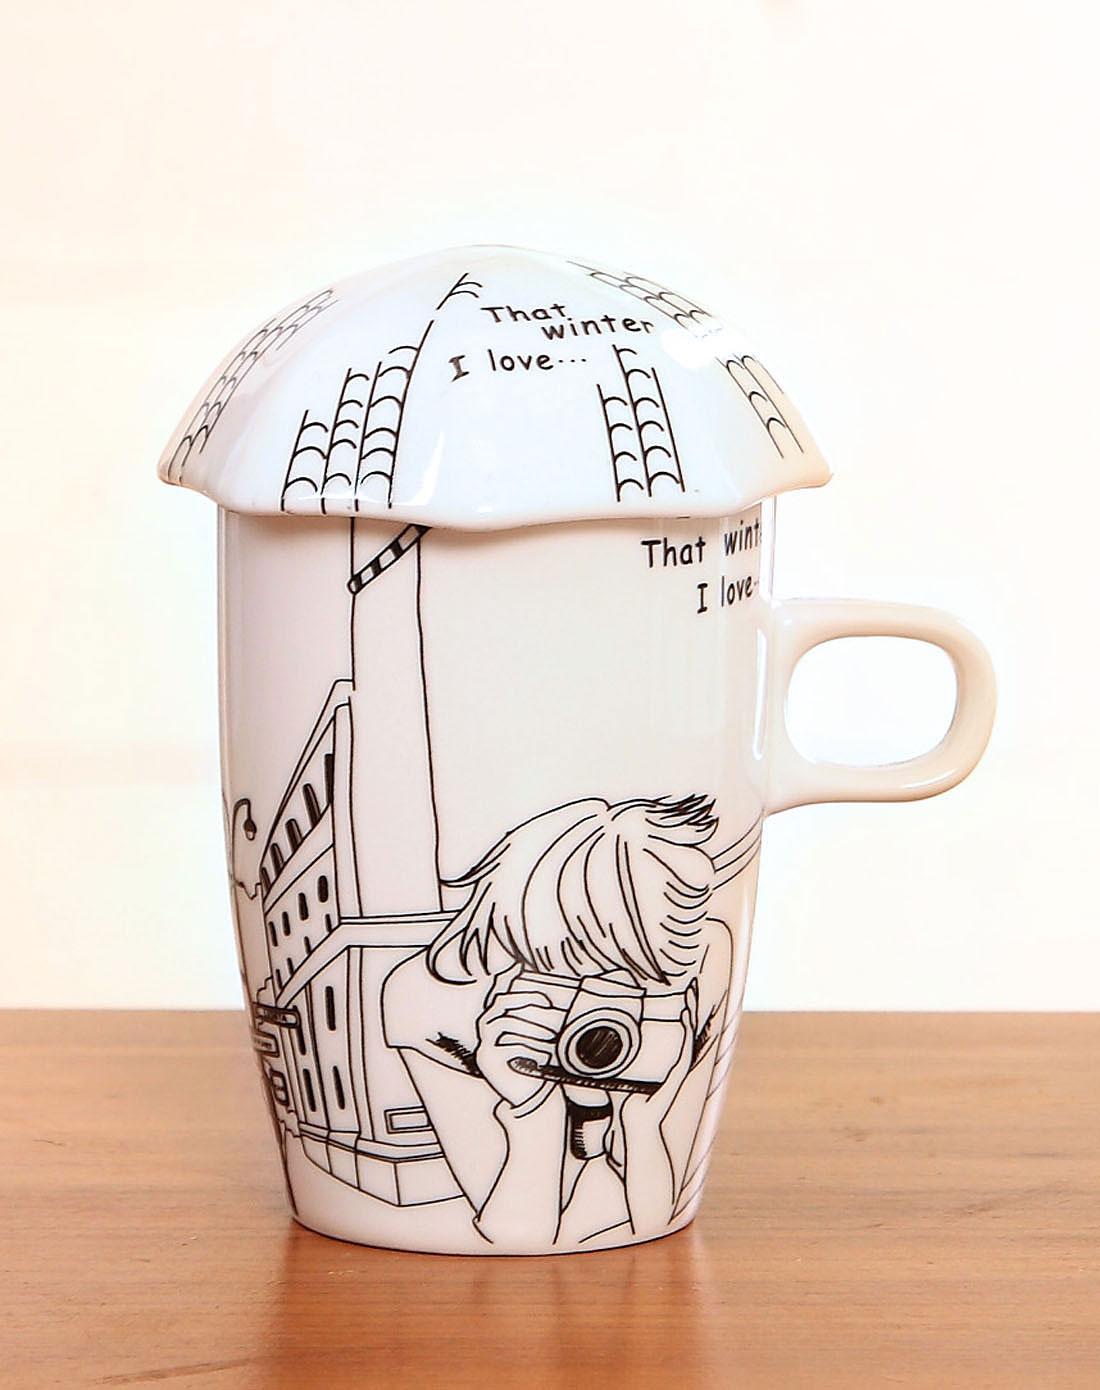 手绘漫画风陶瓷马克杯